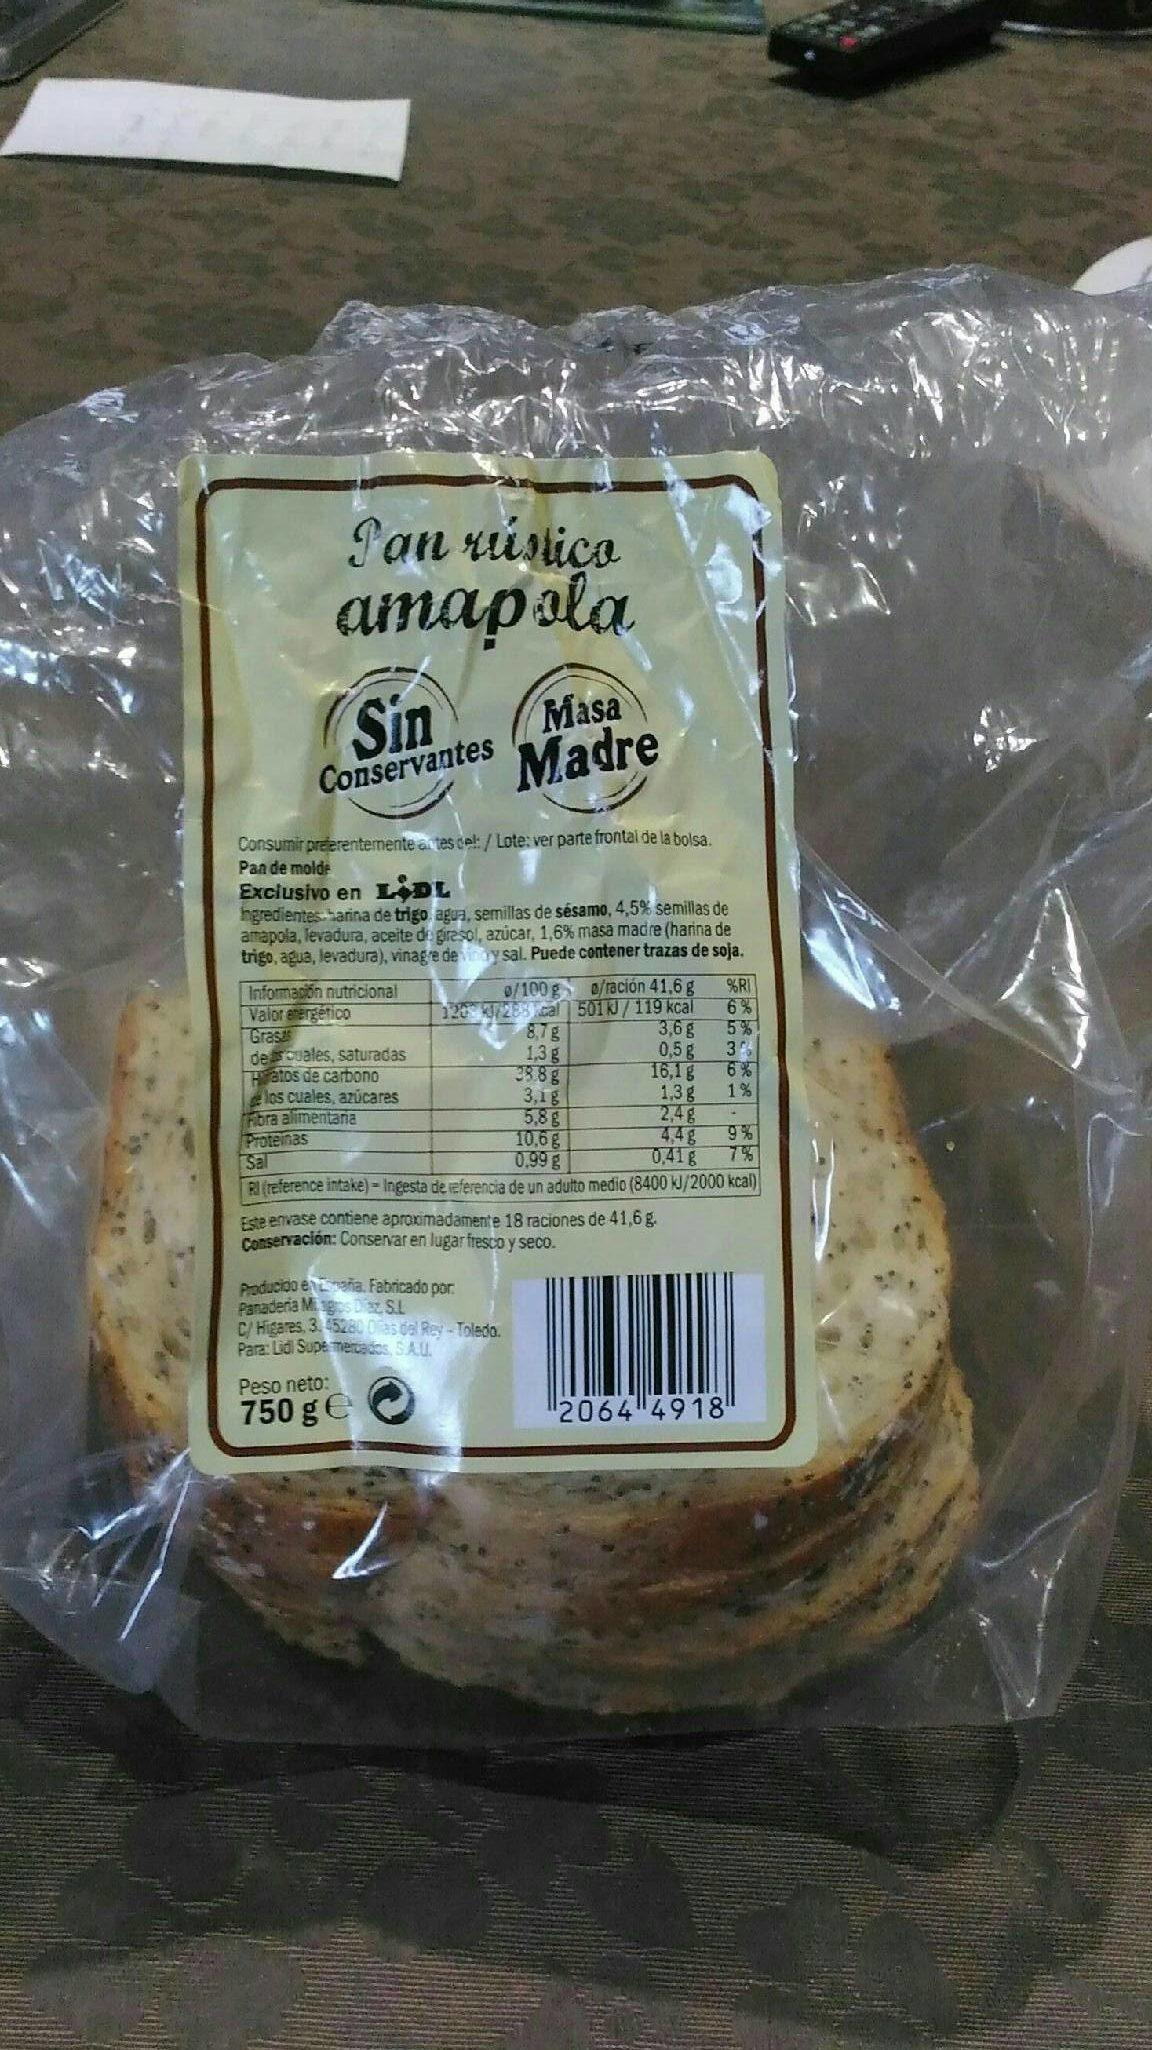 Pan con semillas de amapola - Producte